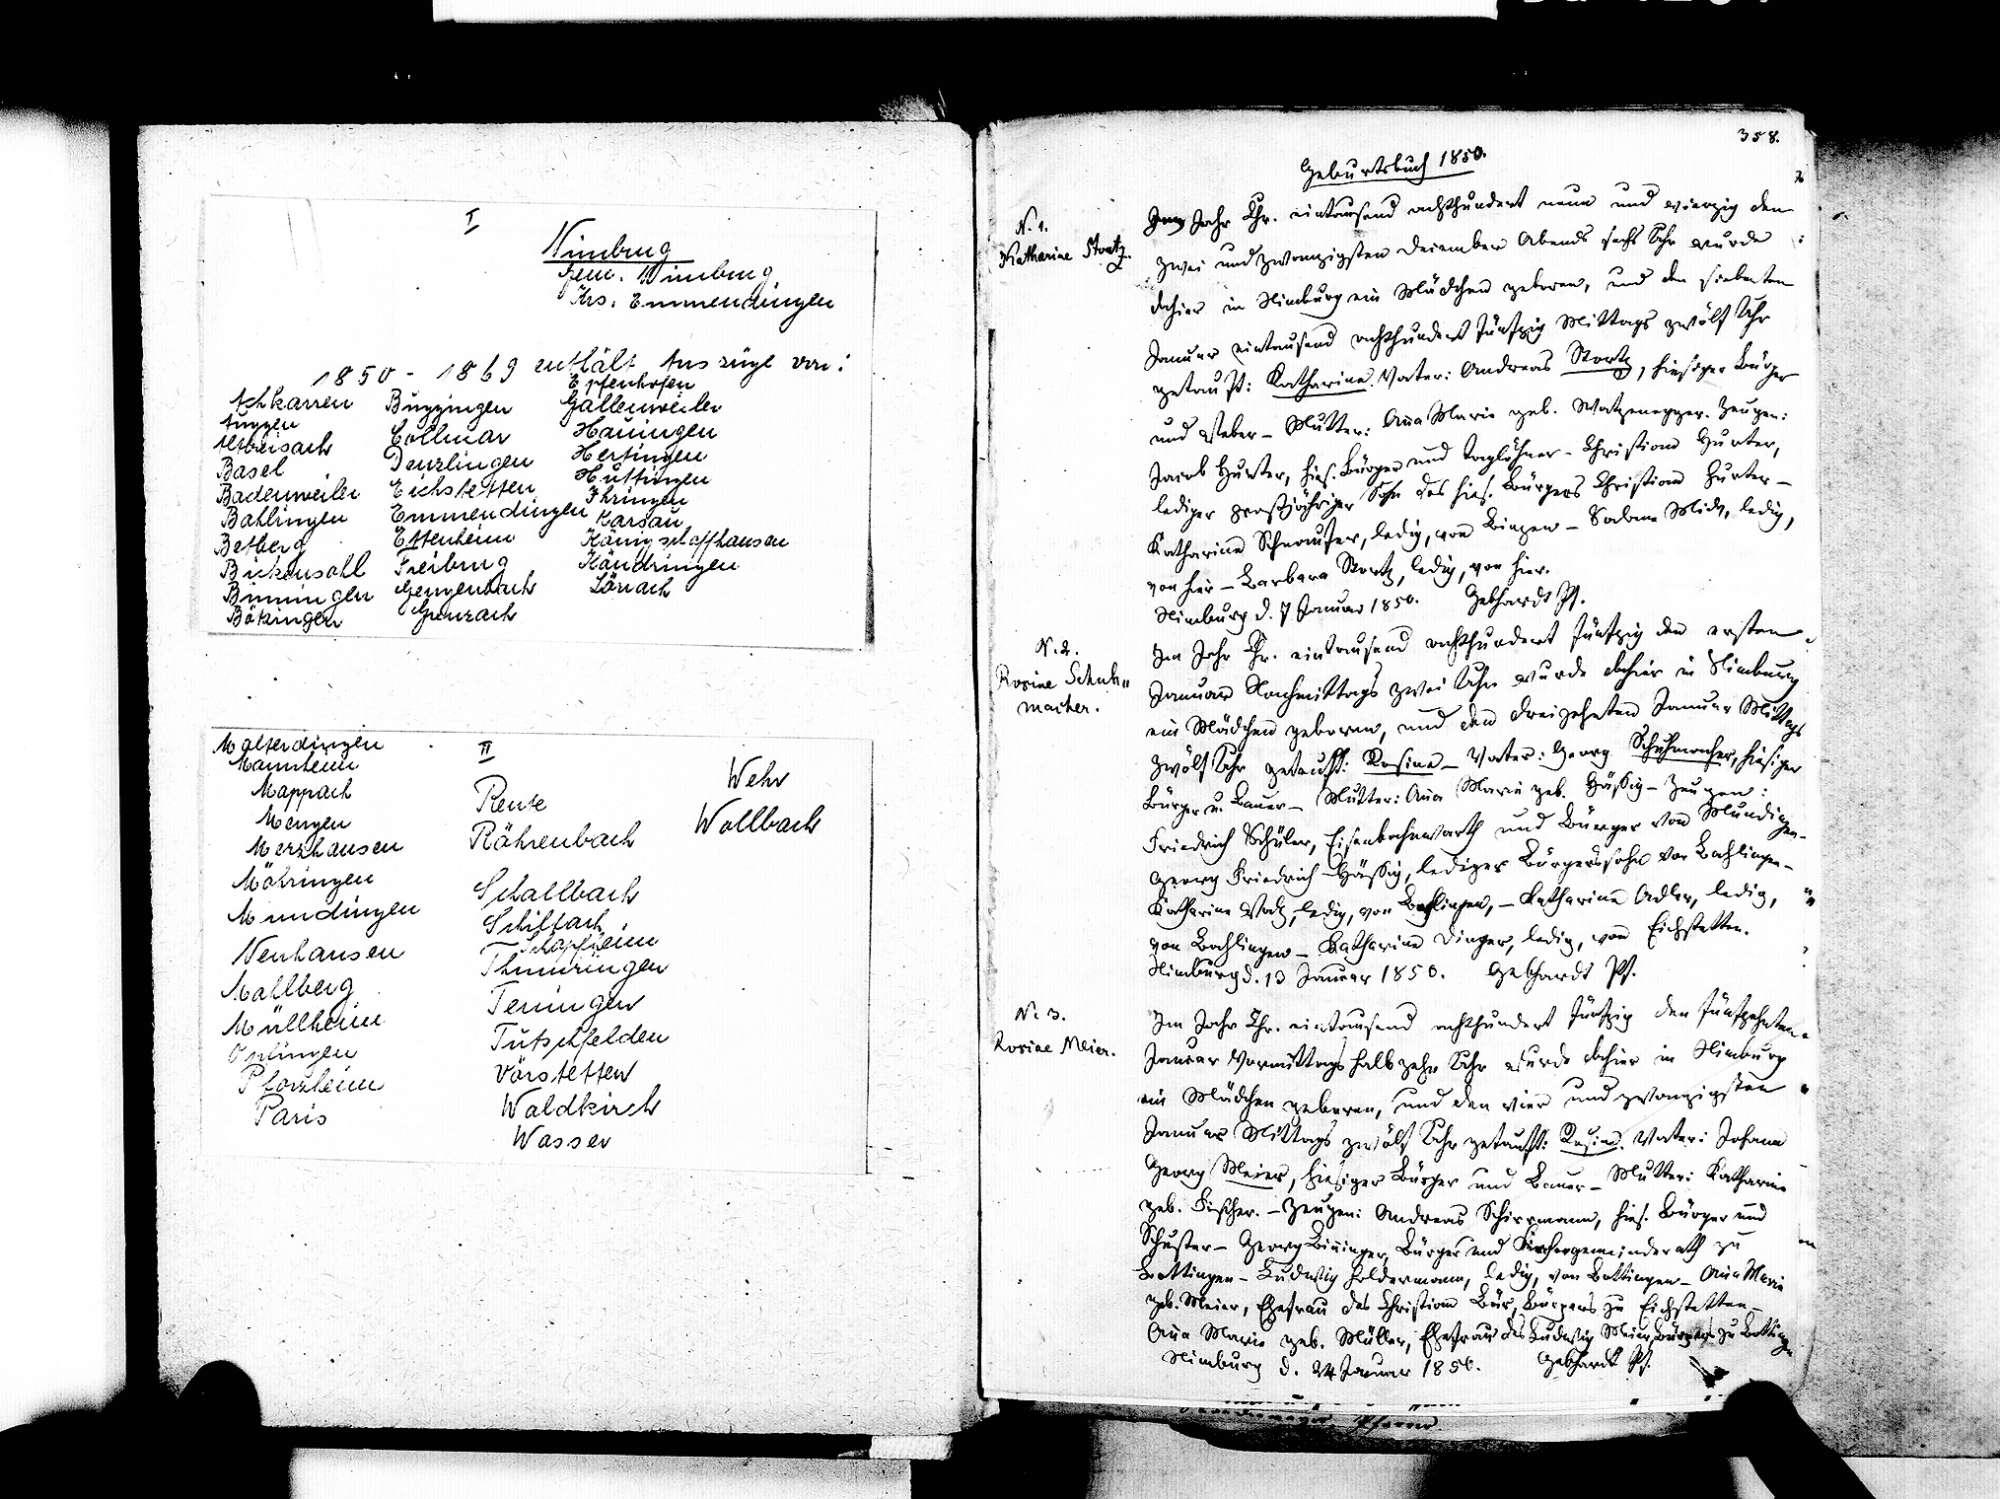 Nimburg, Teningen EM; Evangelische Gemeinde: Standesbuch 1850-1869 Enthält: Einzelne Katholische Einträge, Bild 3 (fol. 358)